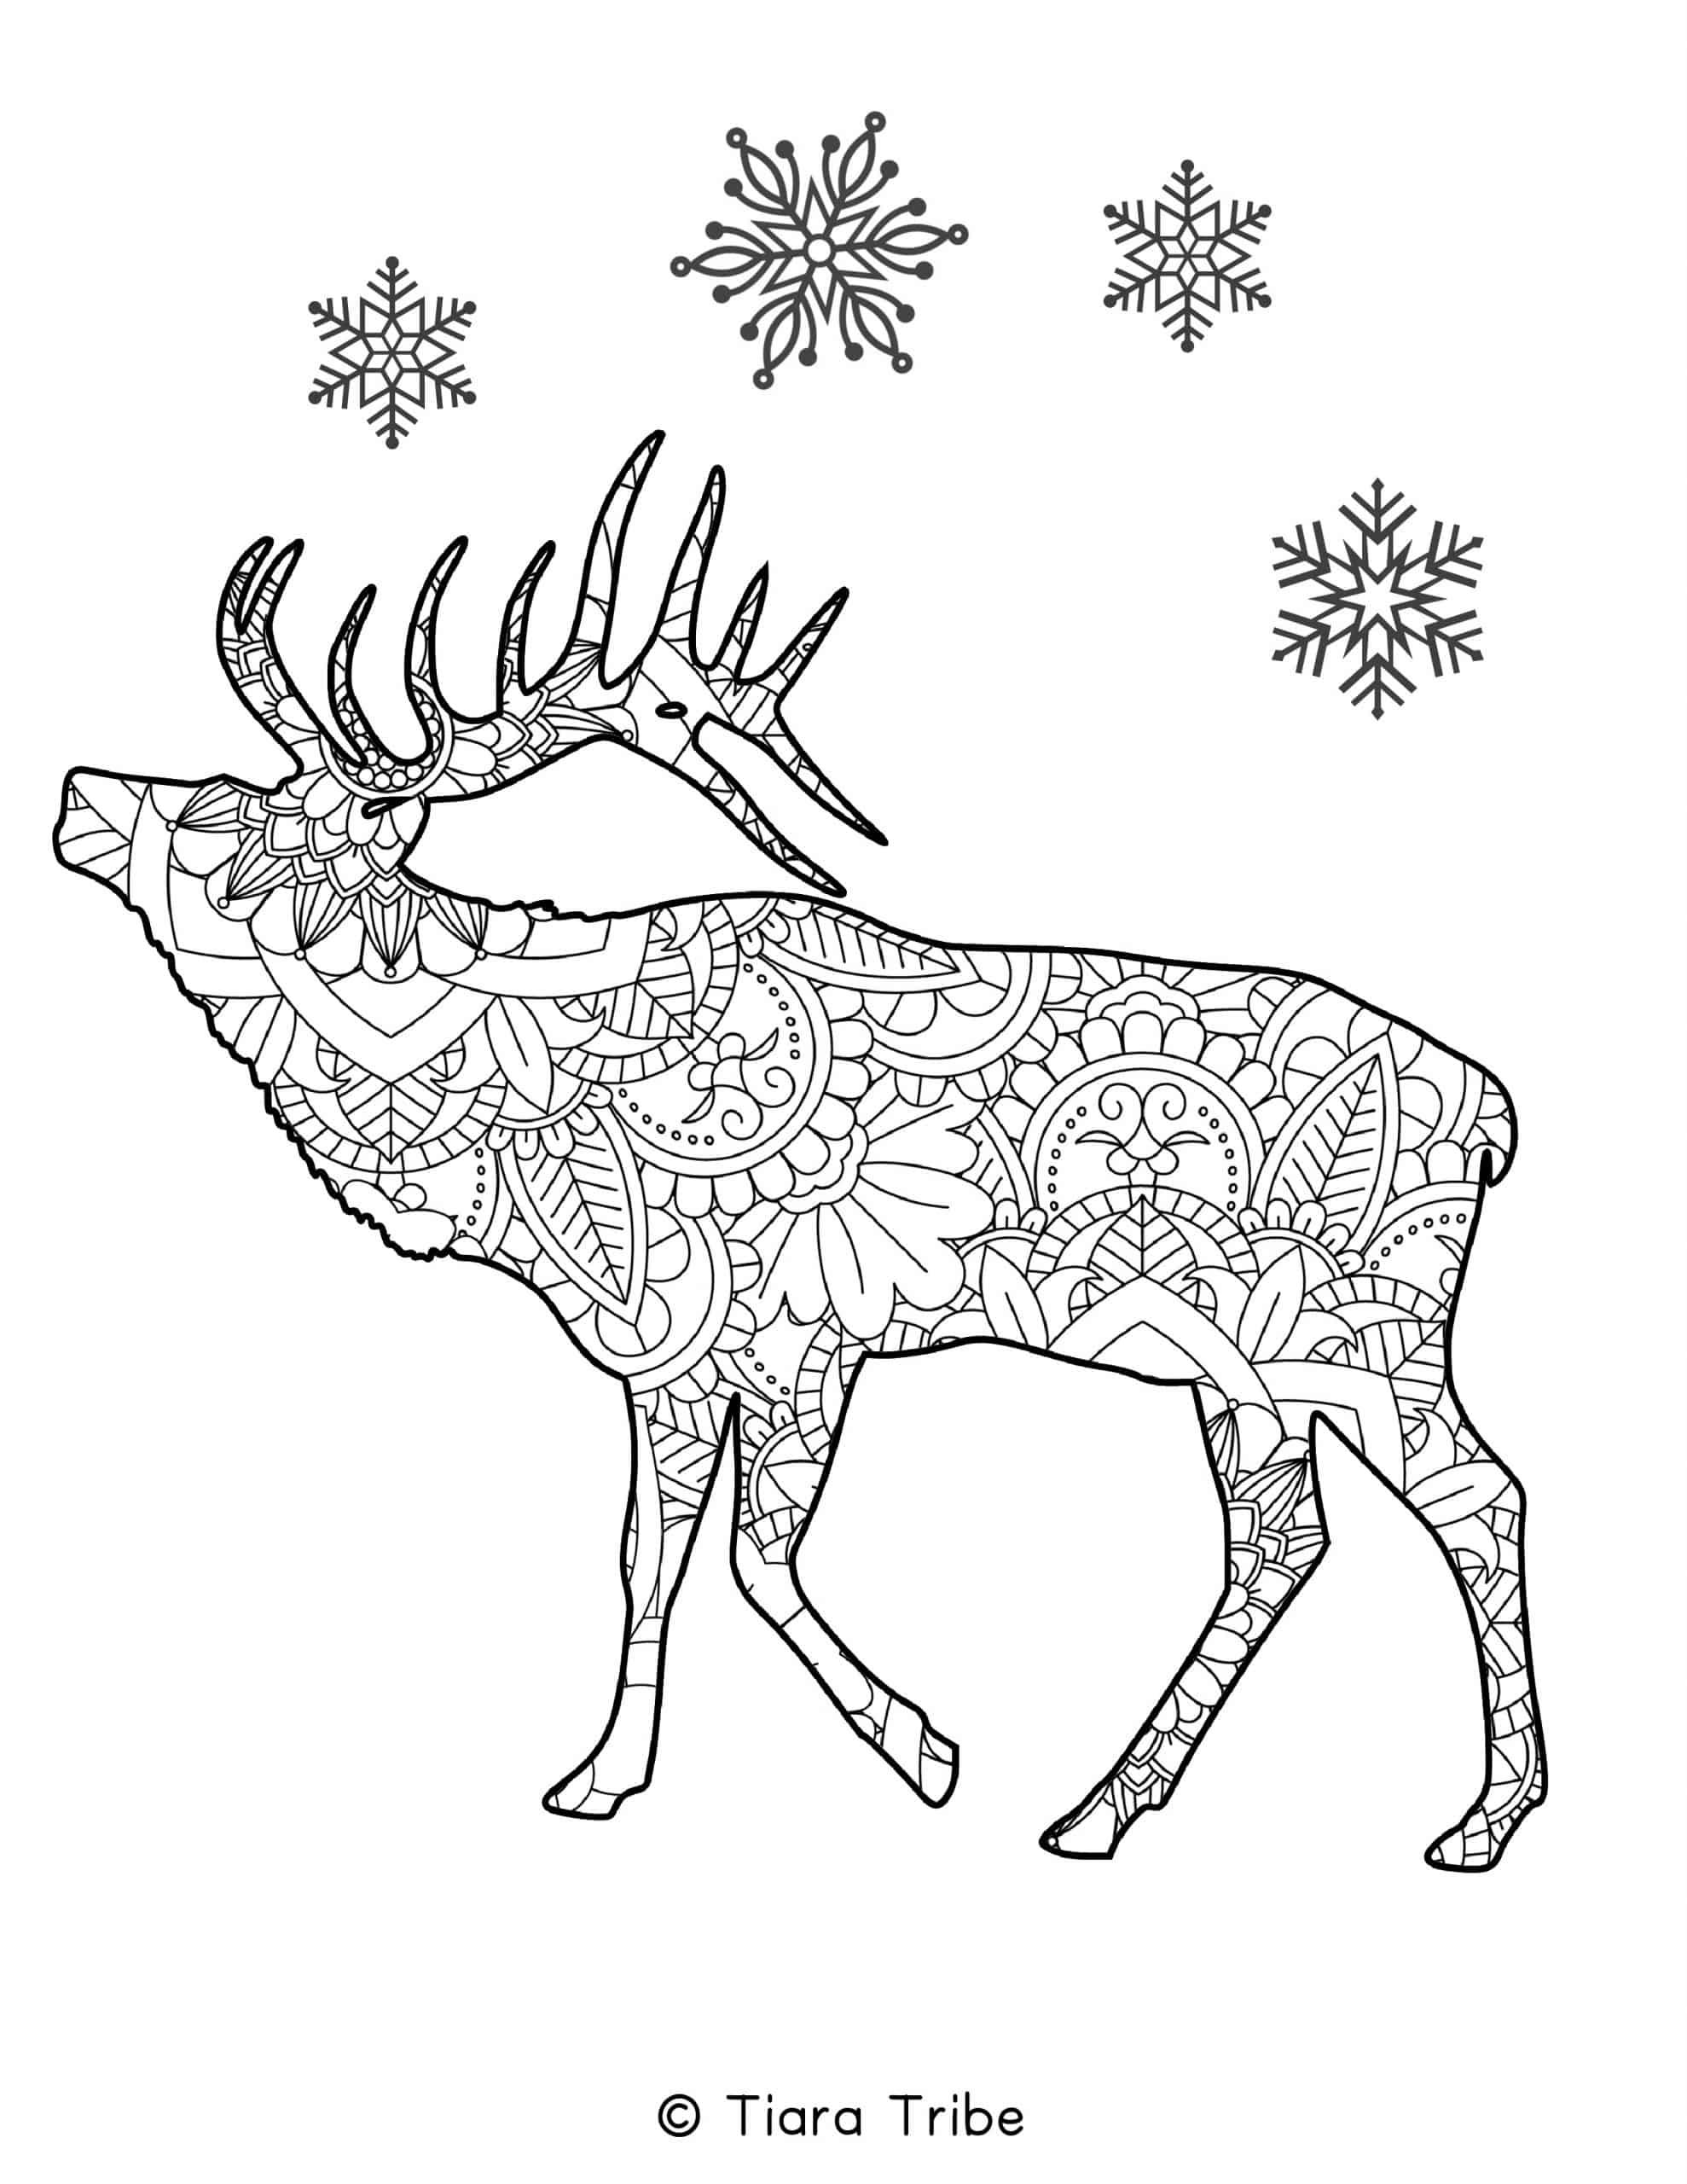 Reindeer and Snowflake Mandala Coloring Page